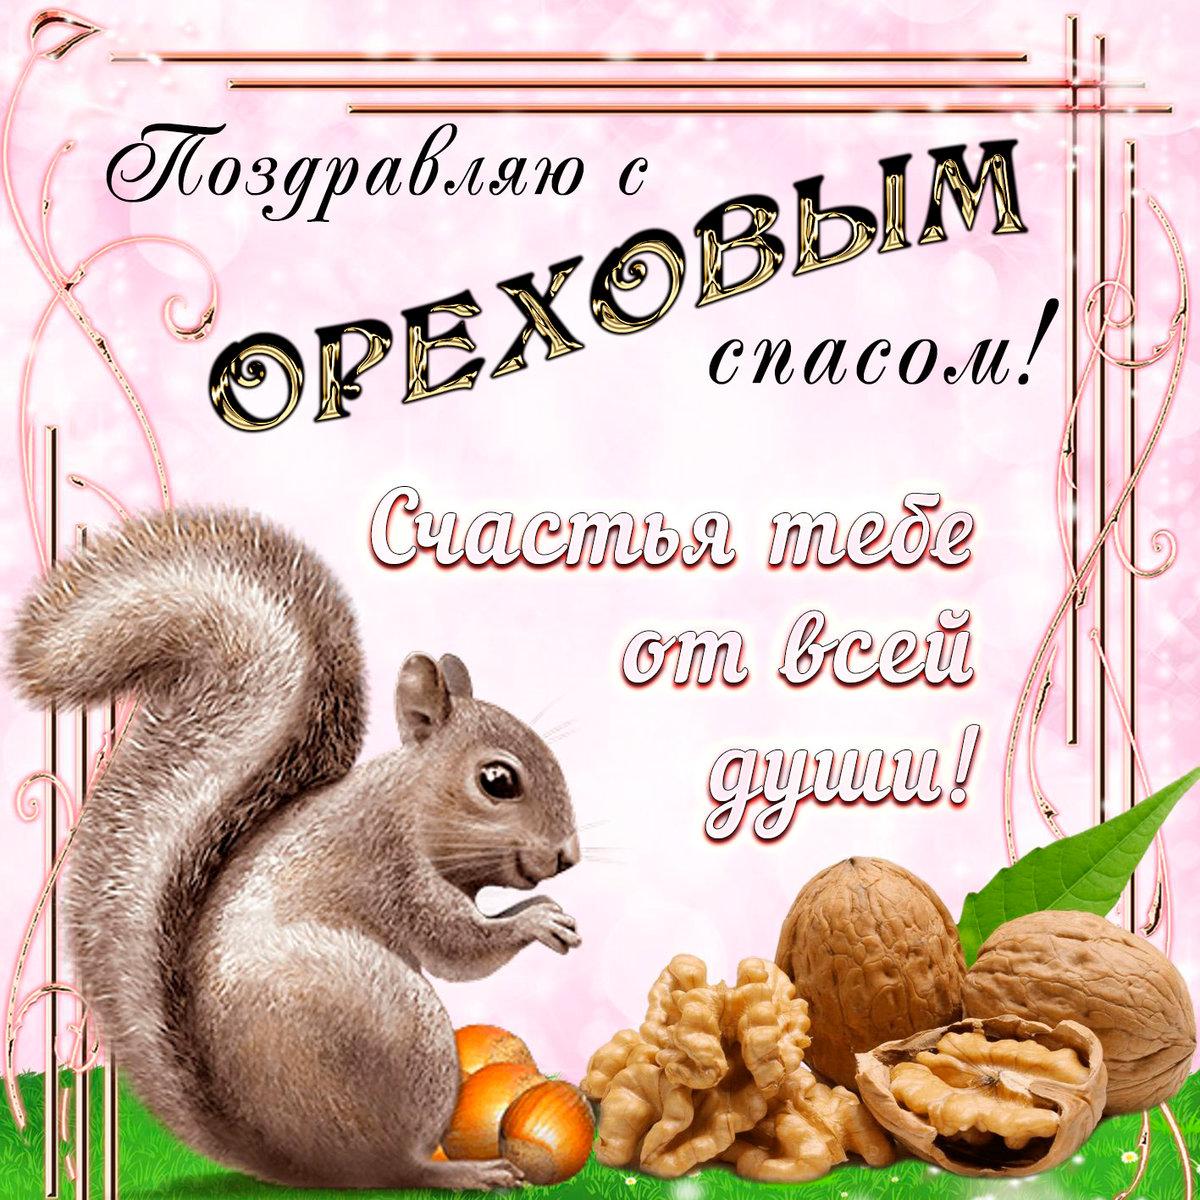 Открытка на ореховый спас, картинки днем рождения